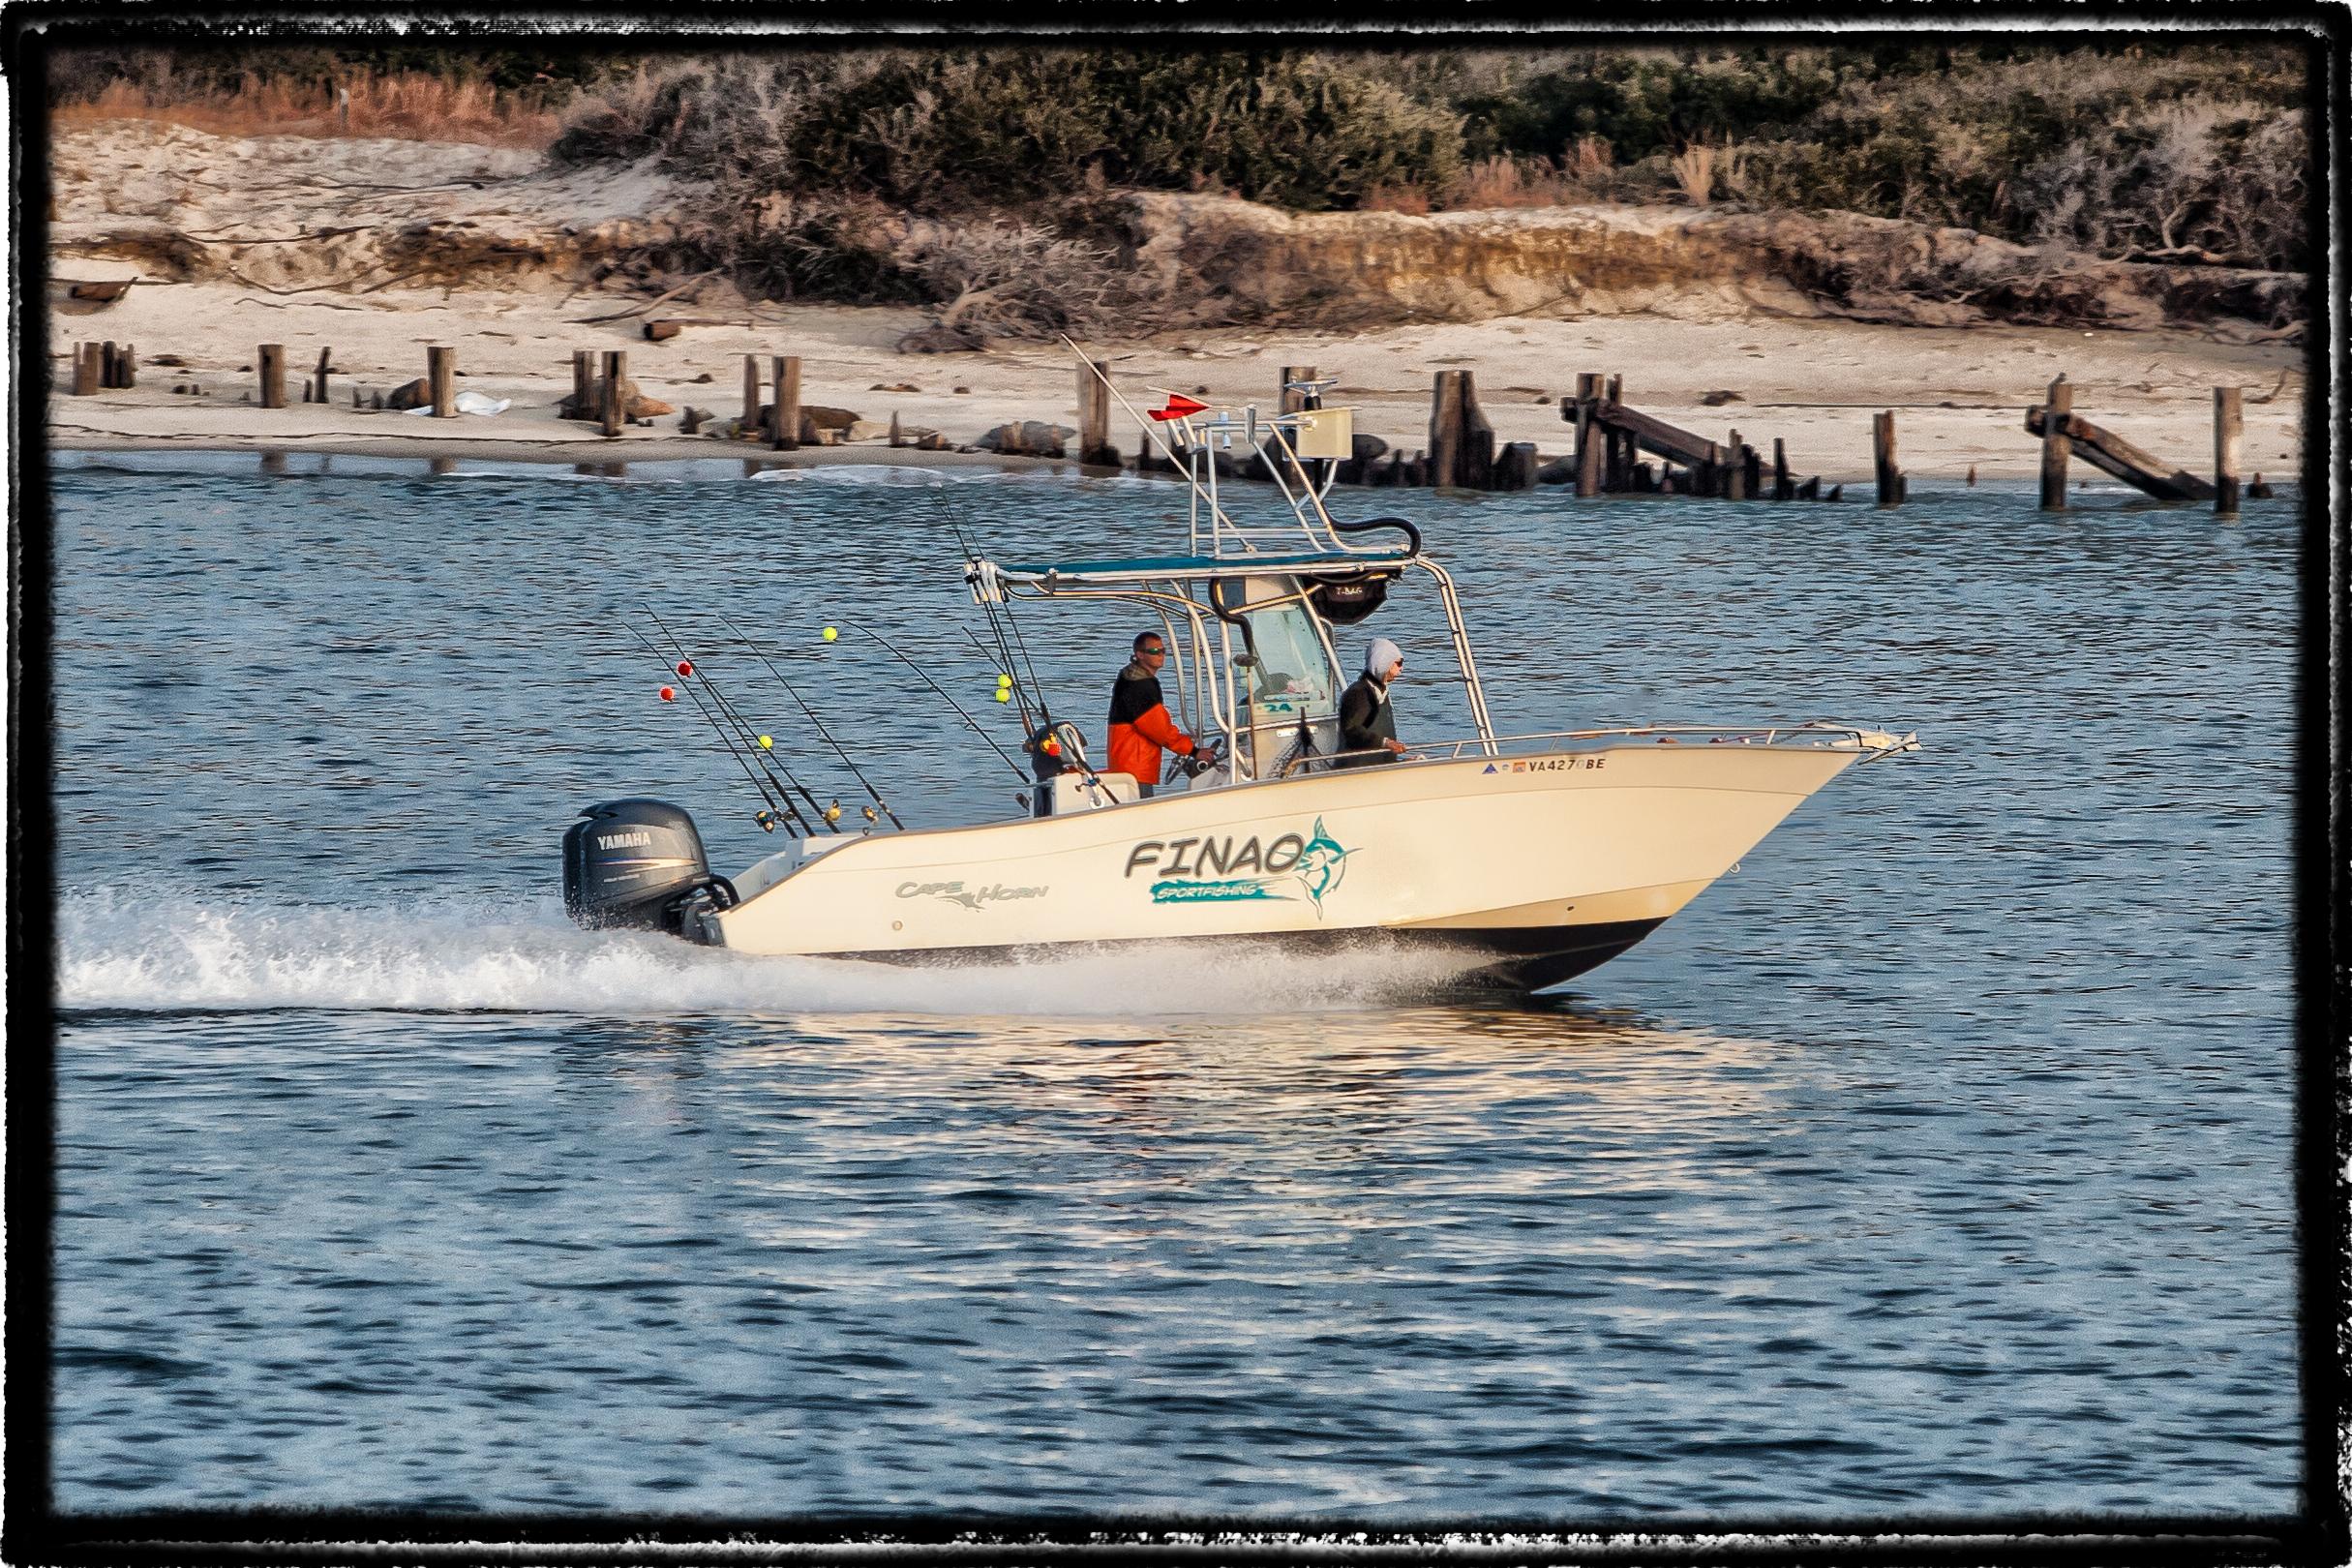 Norfolk fishing charter finao sportfishing for Fishing charters hampton va